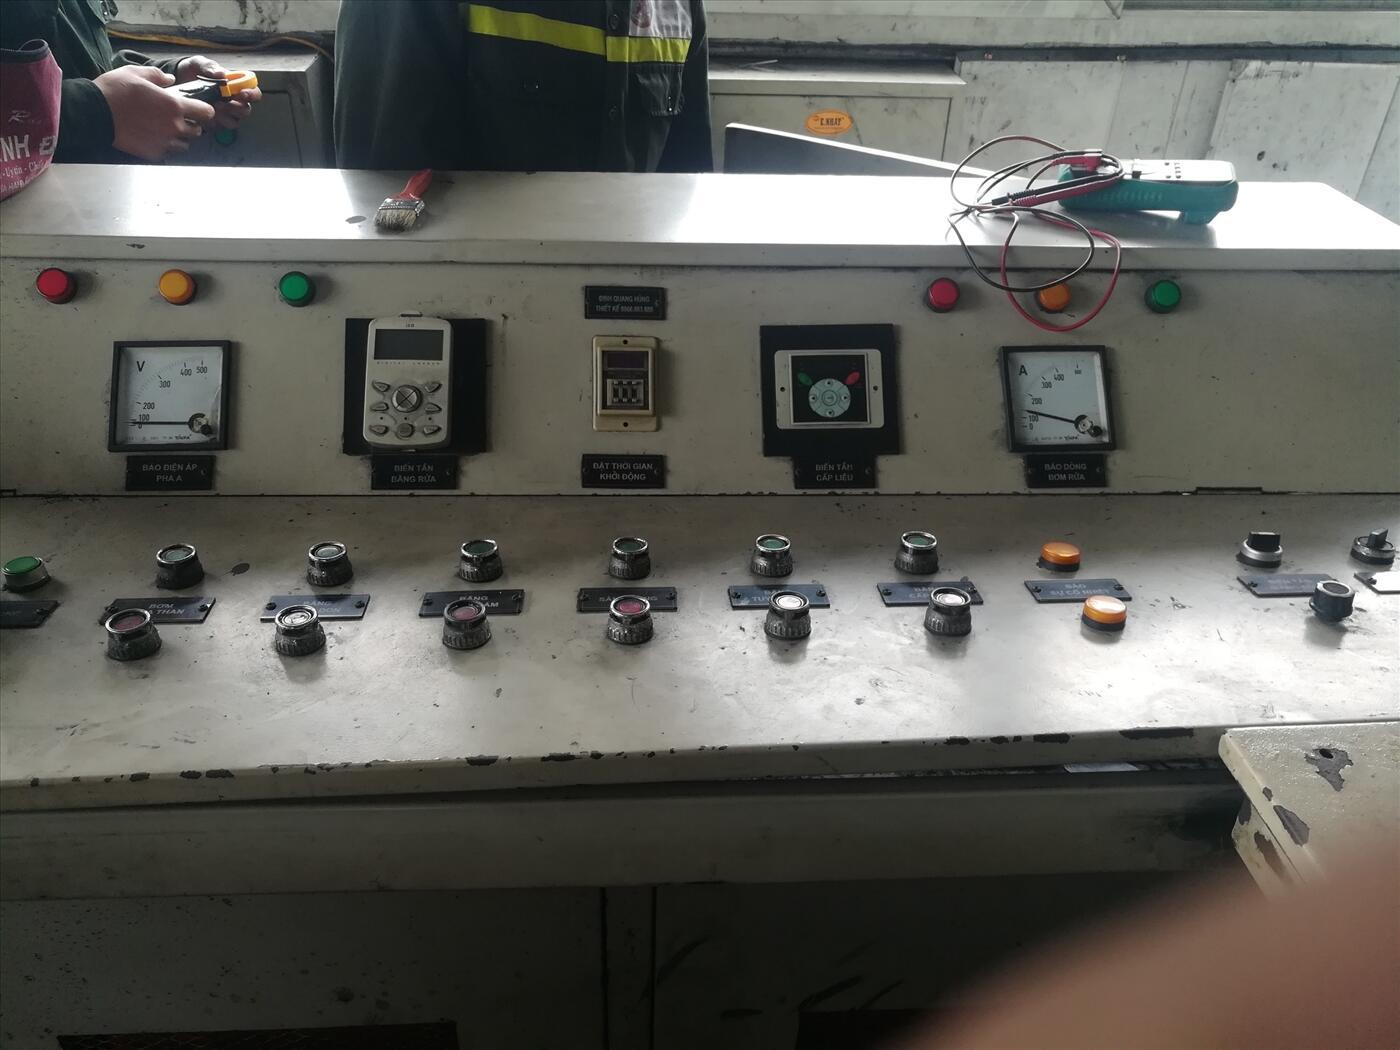 sửa chữa máy biến tần công ty than đông bắc quảng ninh